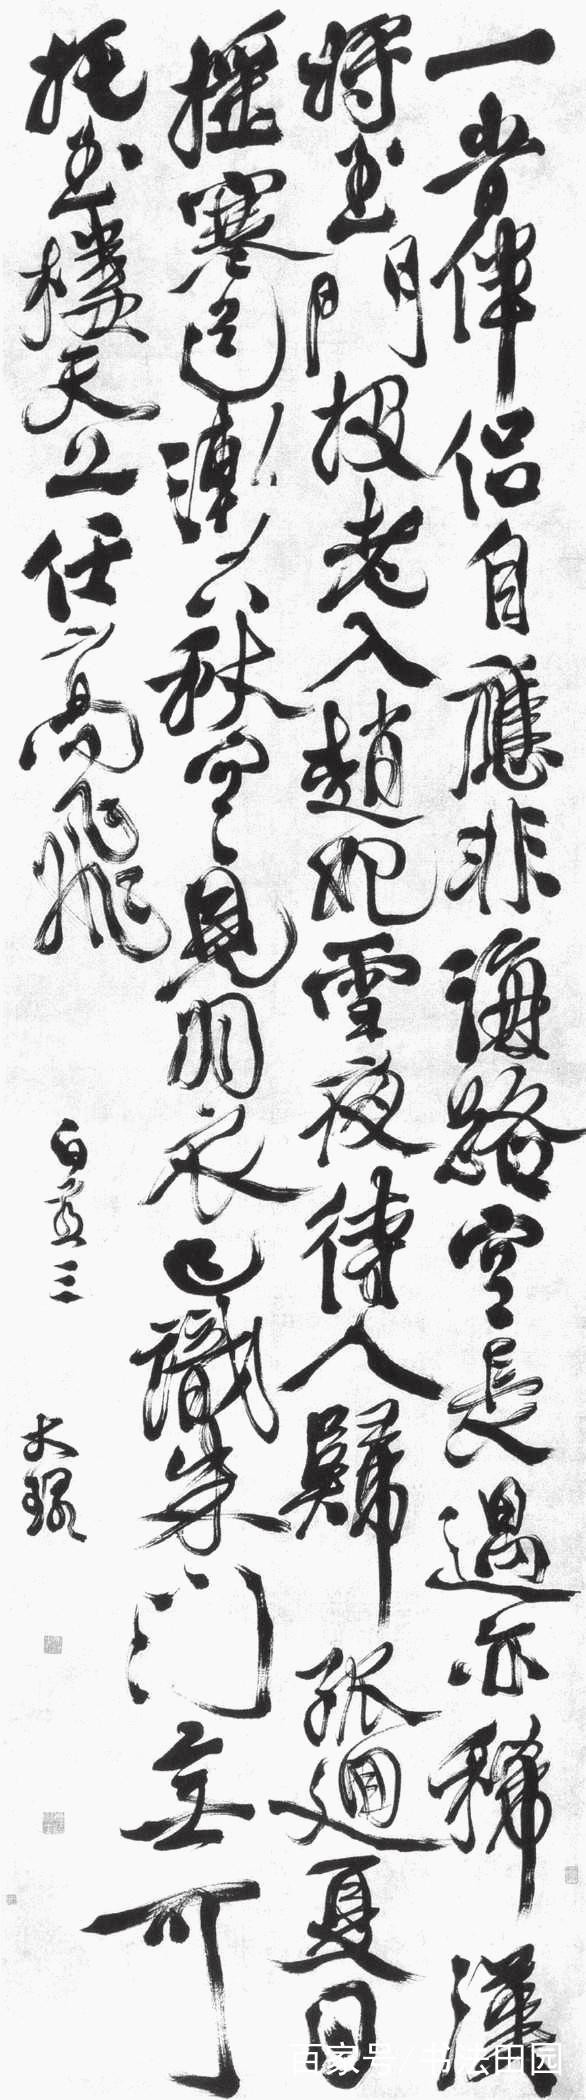 徐渭:破坏了笔法,但把明朝书法引向新的高峰